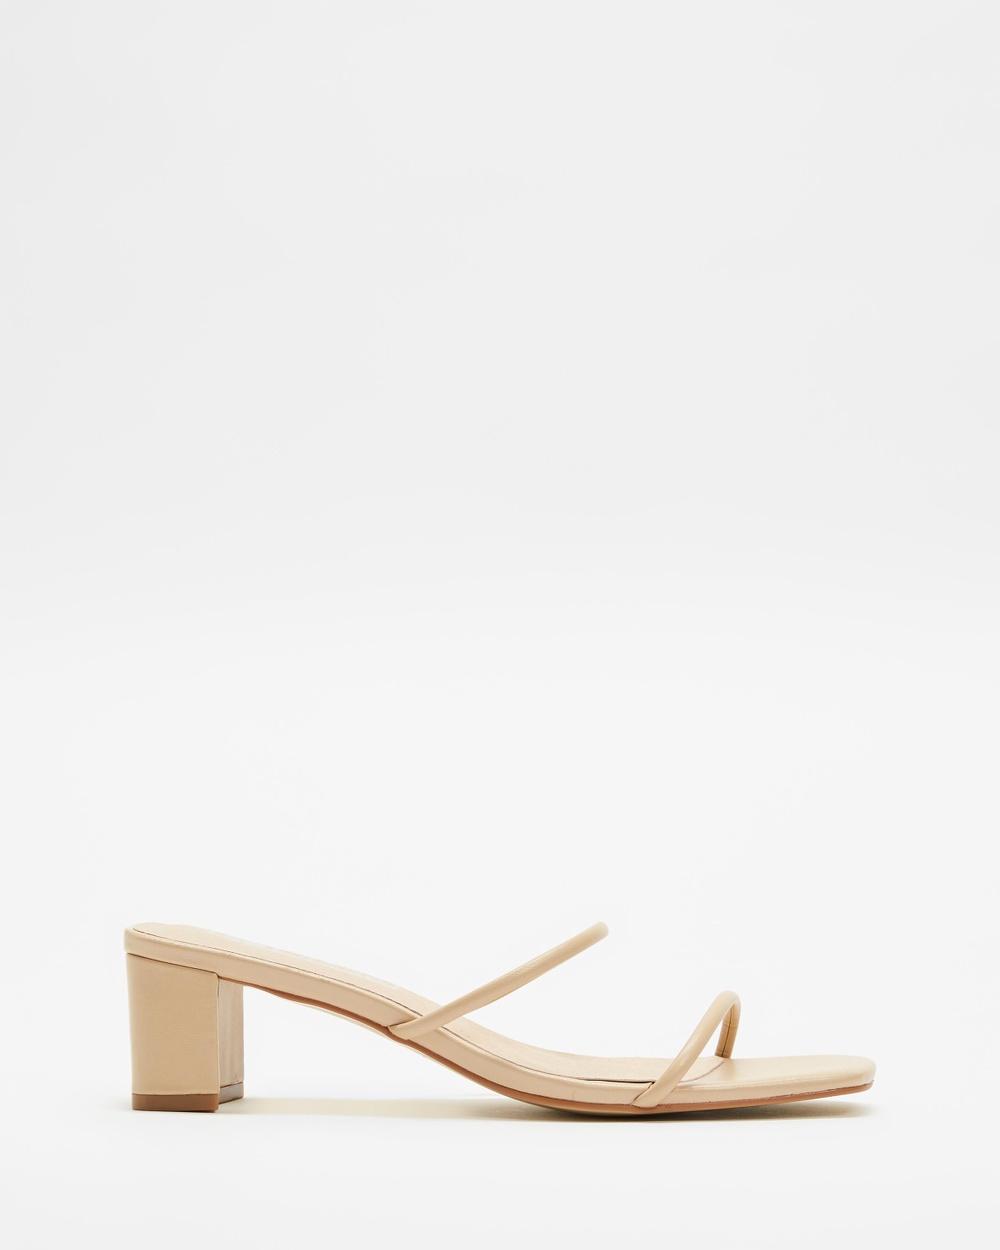 Sol Sana ICONIC EXCLUSIVE Lottie Mules Sandals Nude Australia